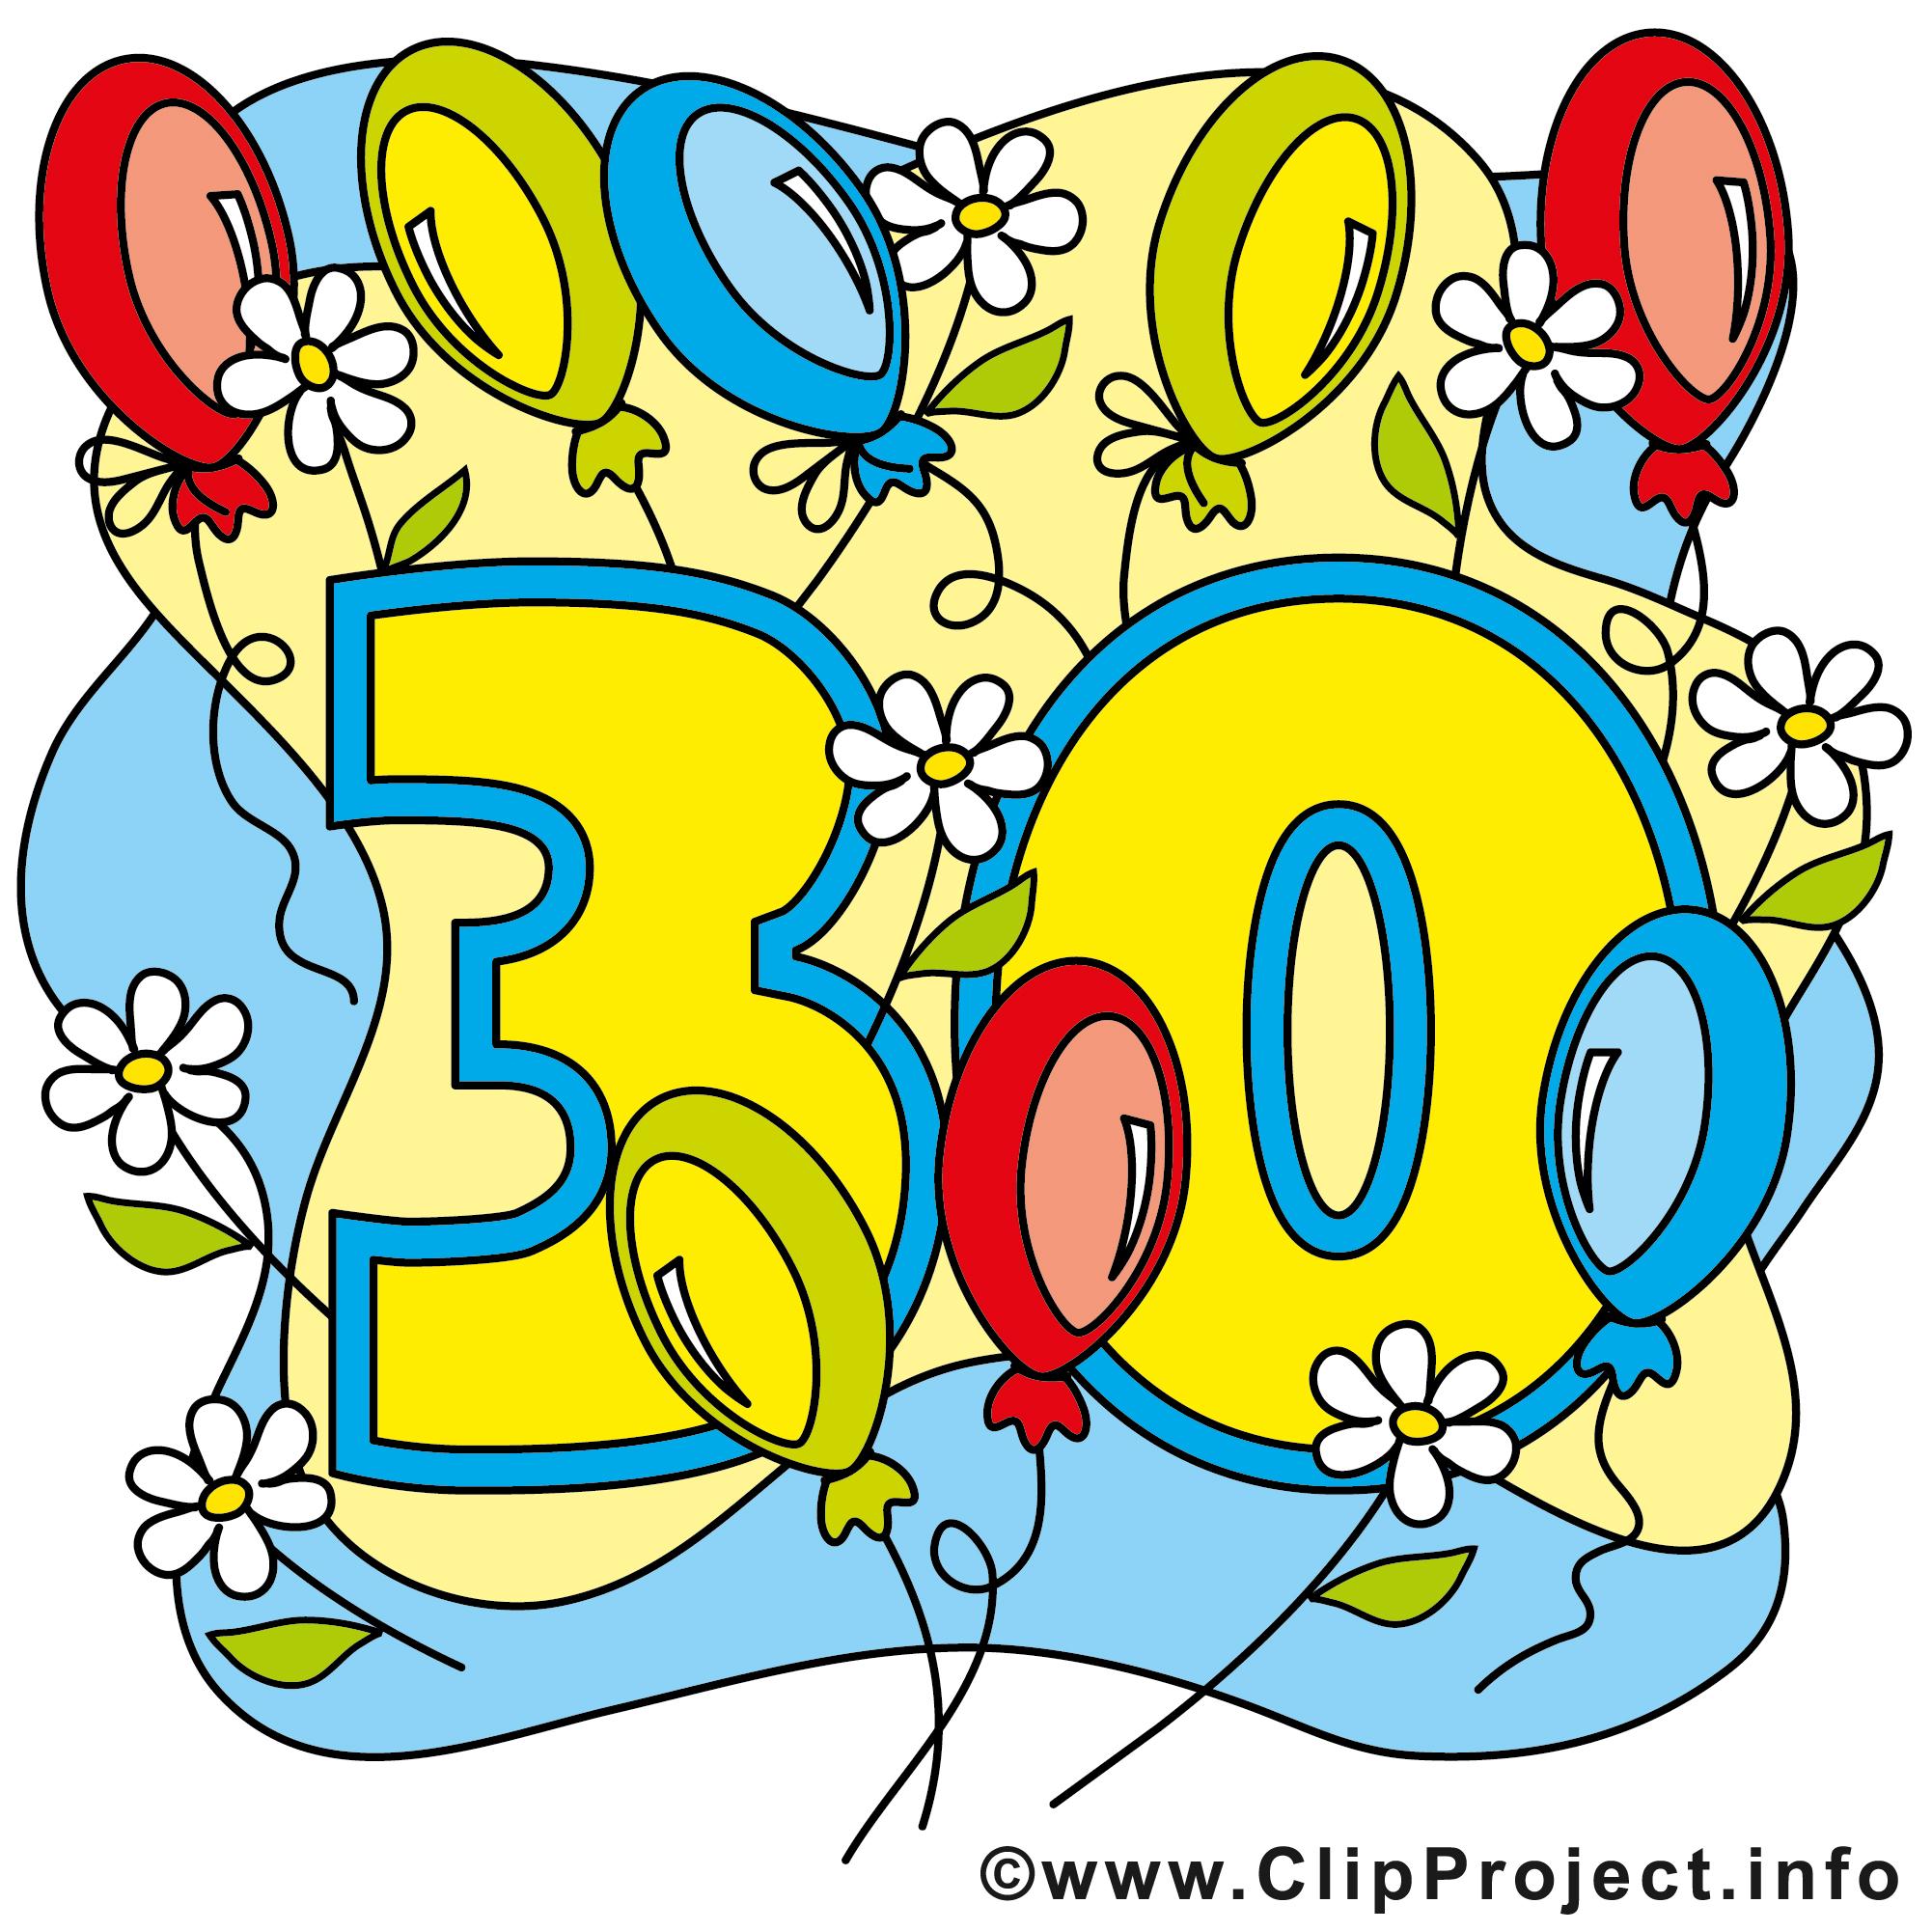 30 Ans Image Gratuite Anniversaire Illustration Anniversaire Dessin Picture Image Graphic Clip Art Telecharger Gratuit